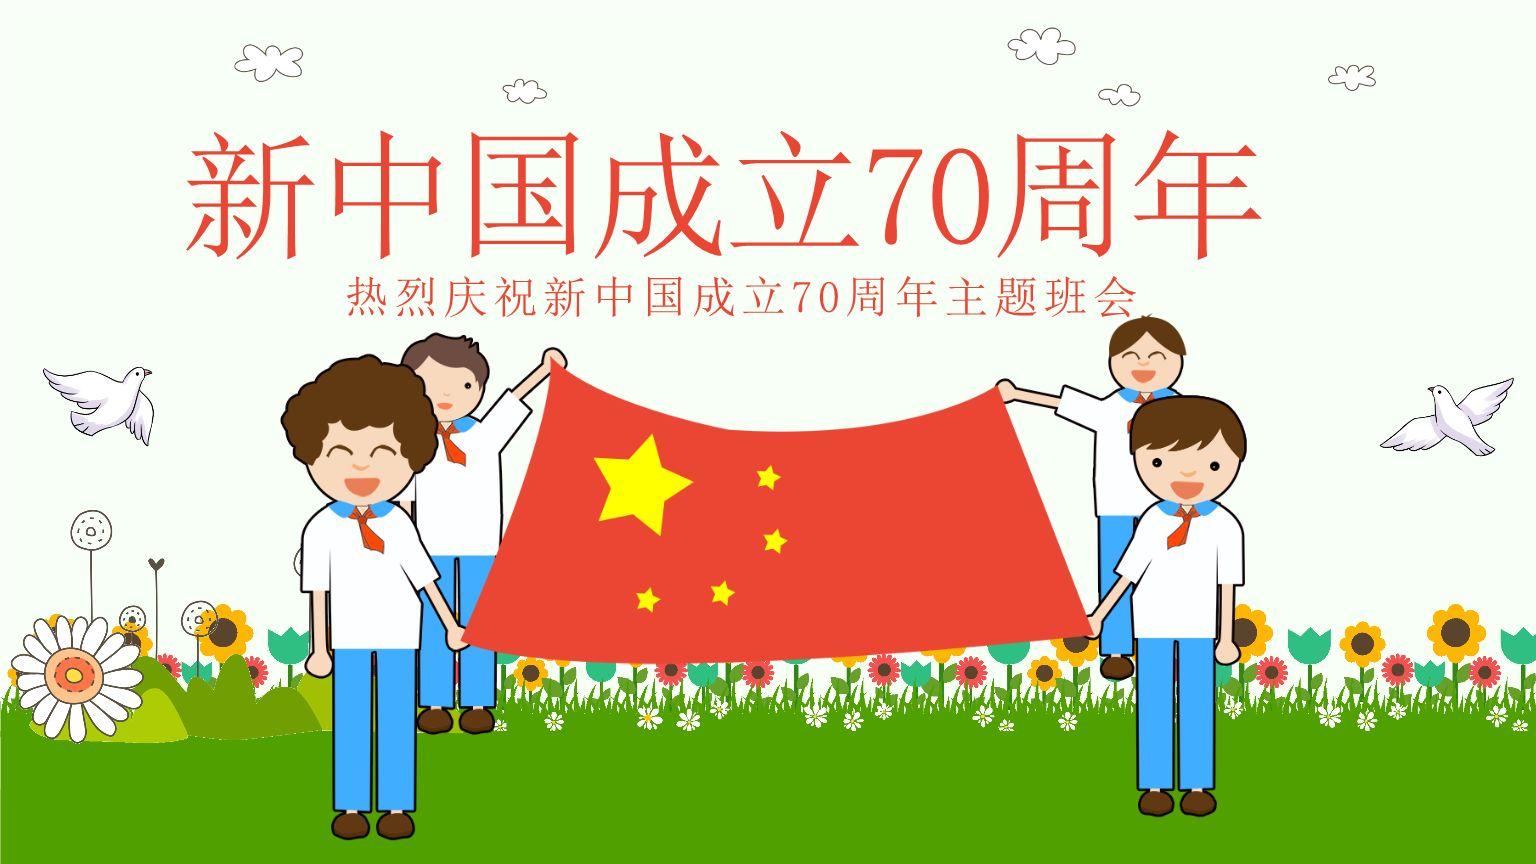 新China成立七十3篇